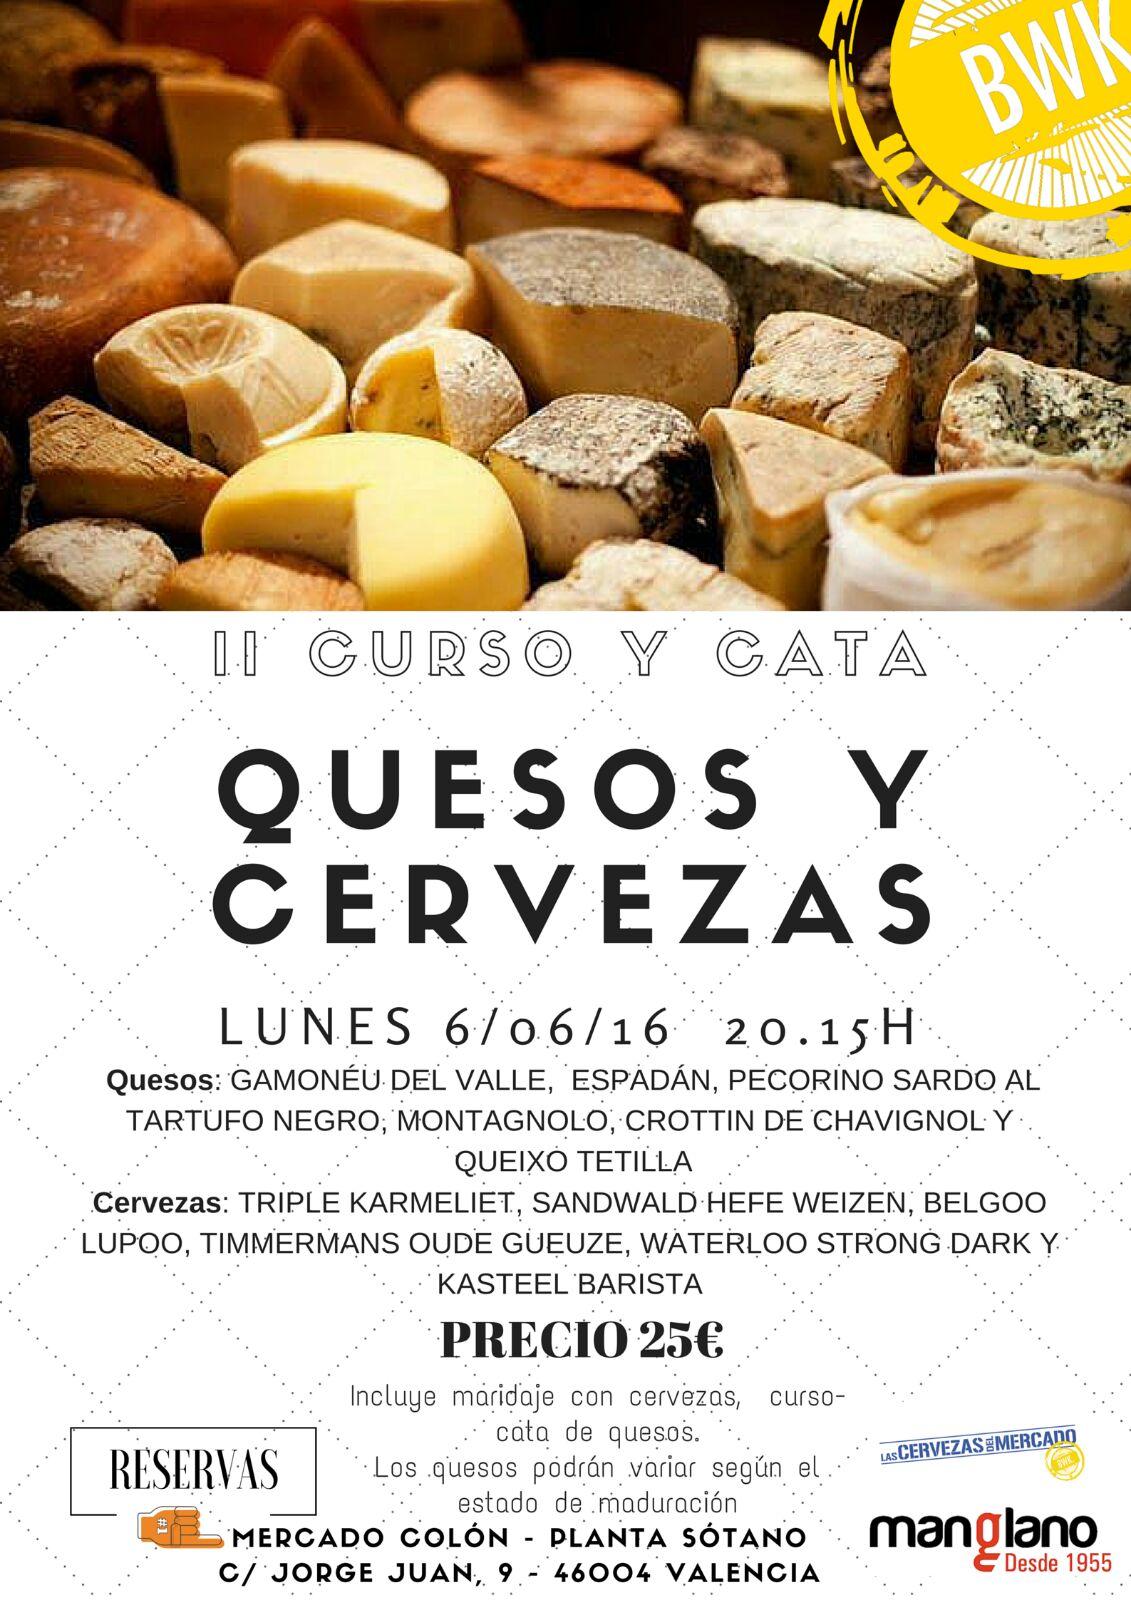 II curso y cata de quesos y cerveza en Las Cervezas del Mercado